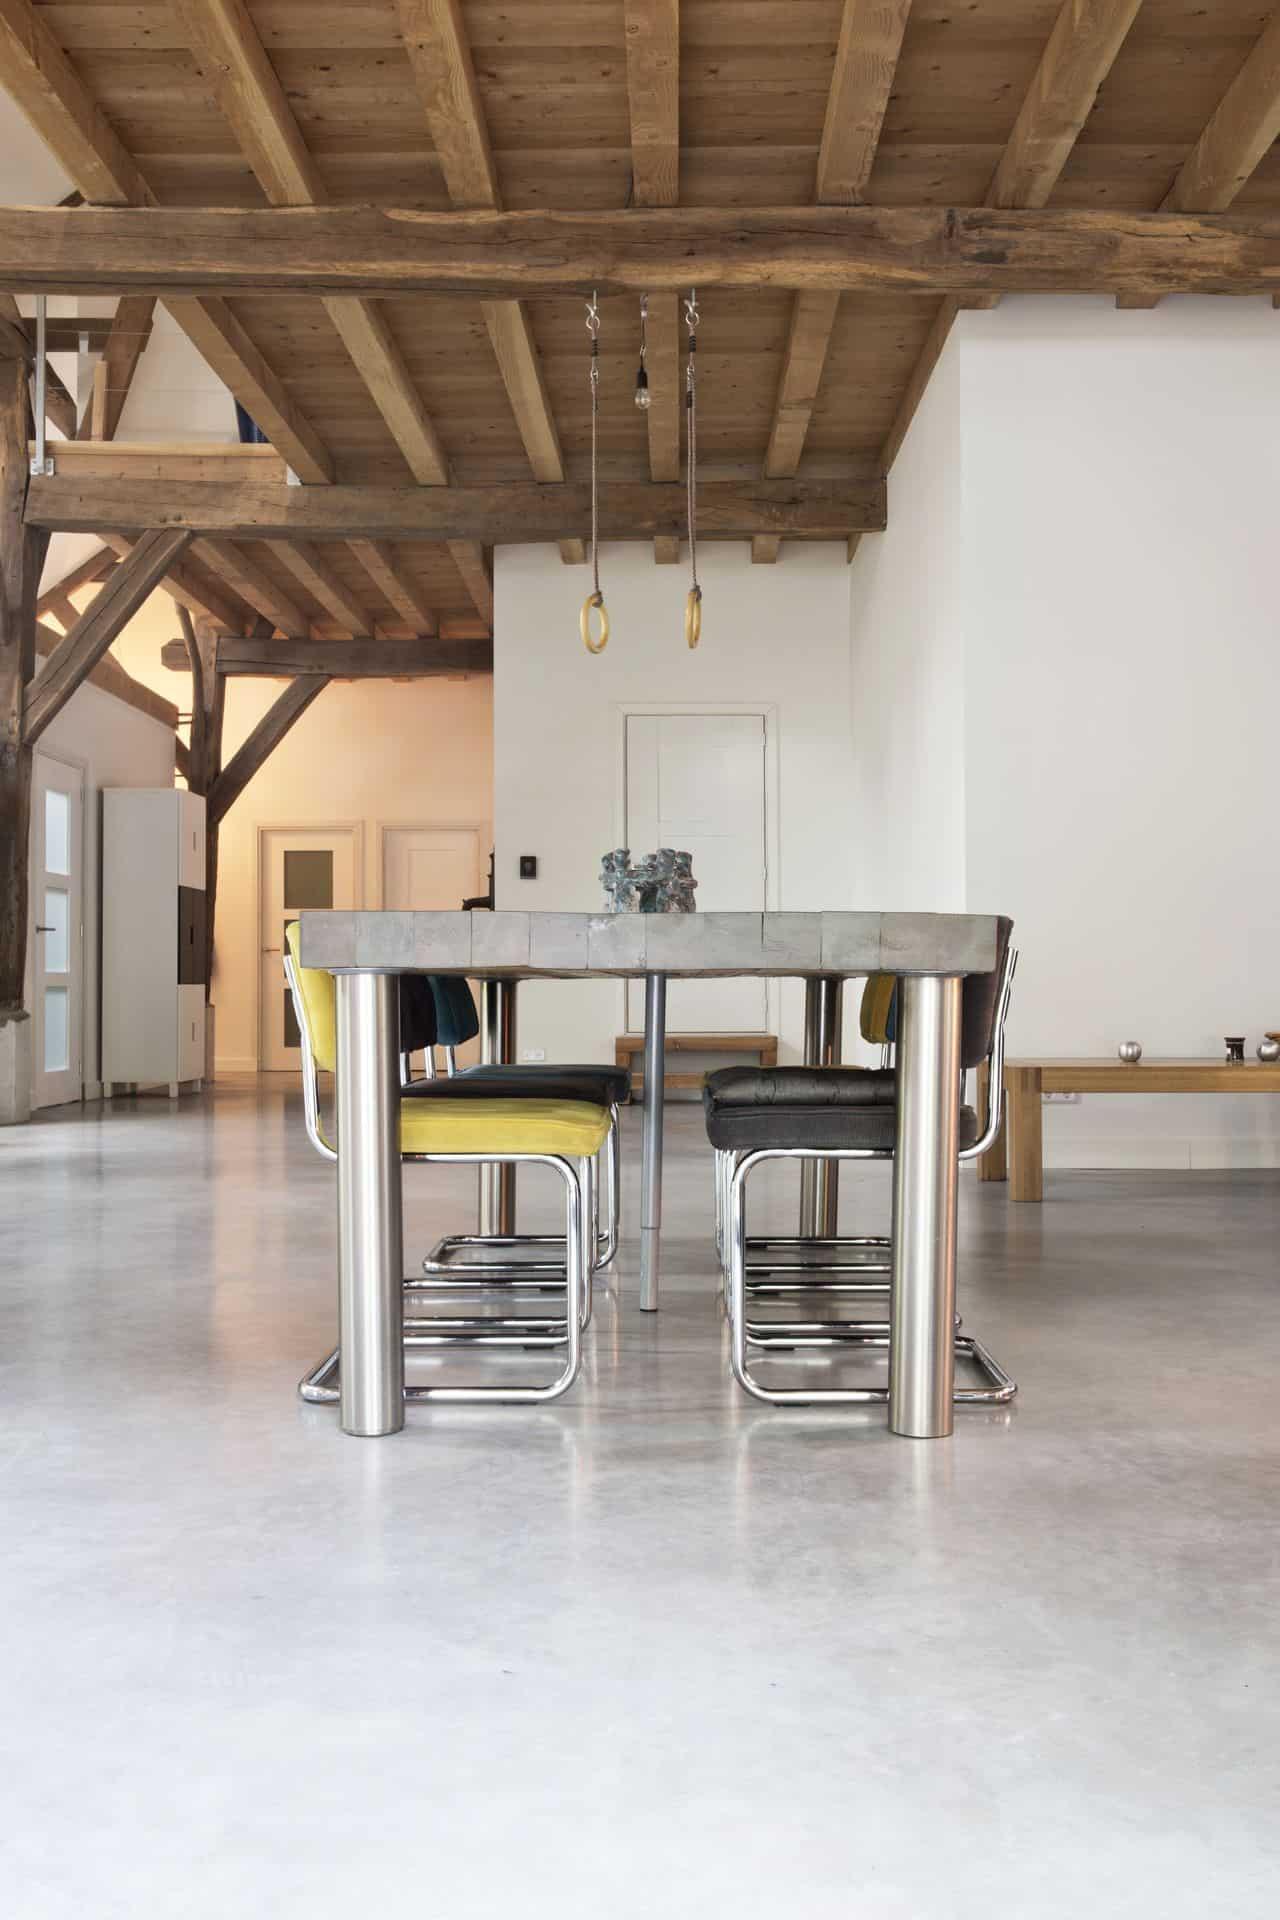 gevlinderde woonbeton vloer in keuken, beton in woonkeuken